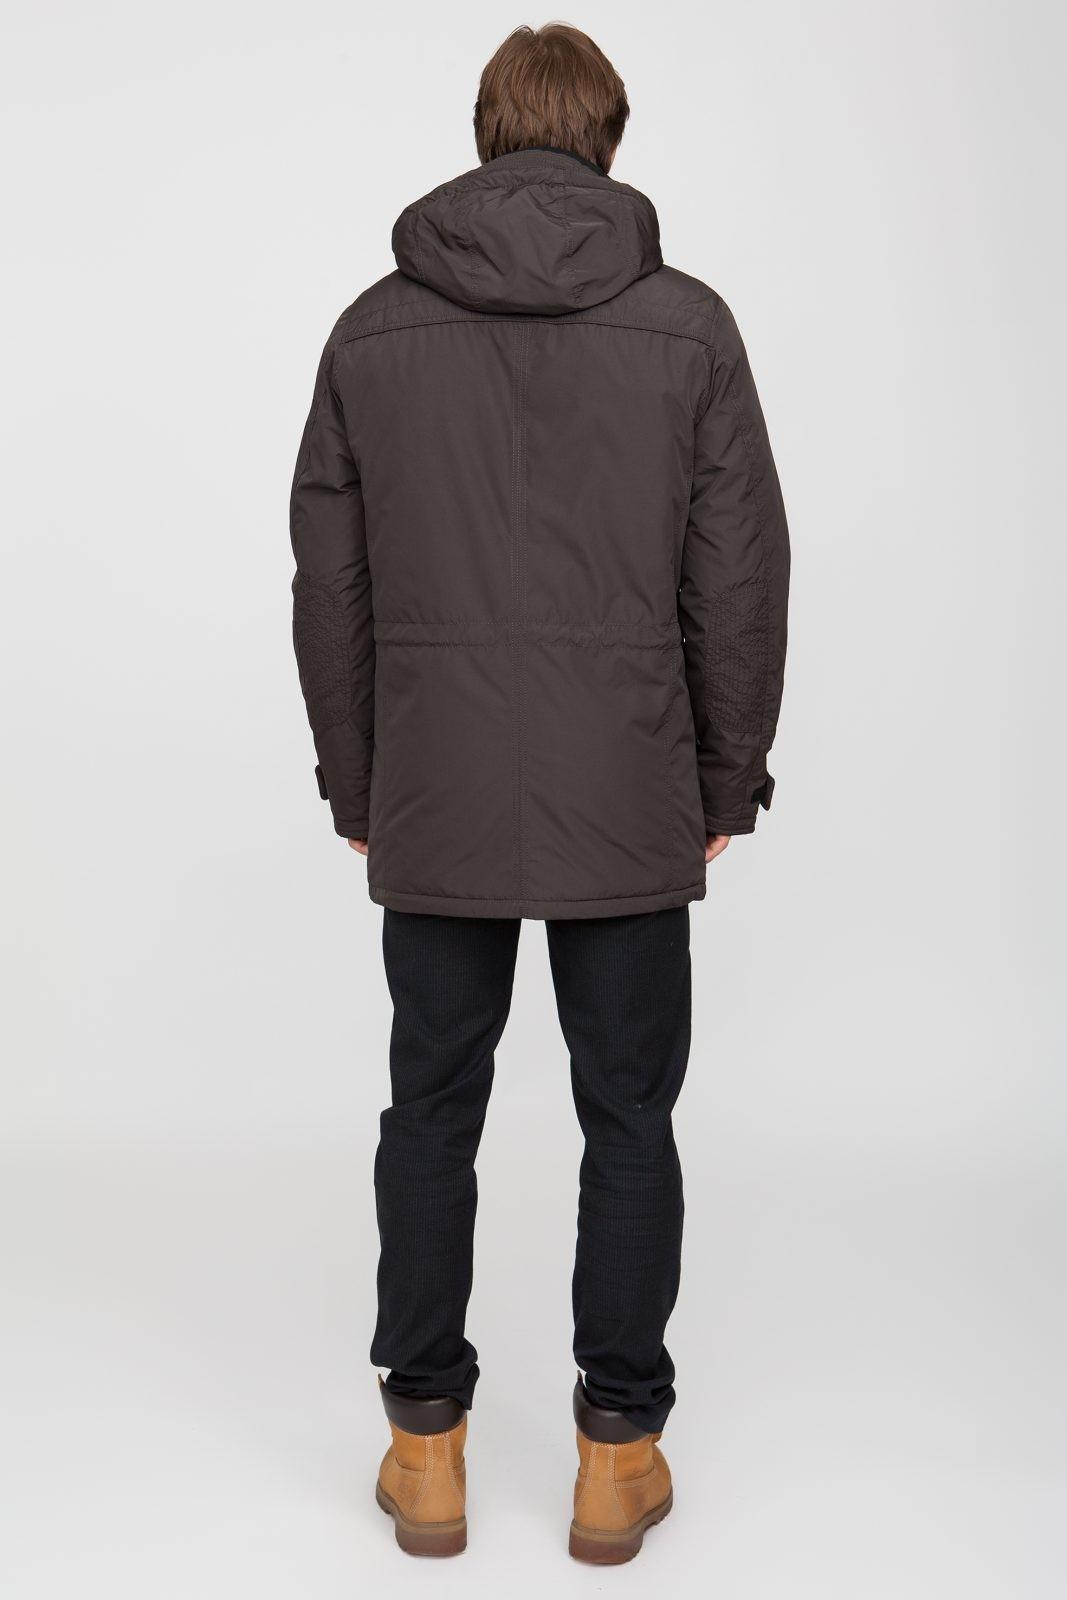 Куртки оптом в москве